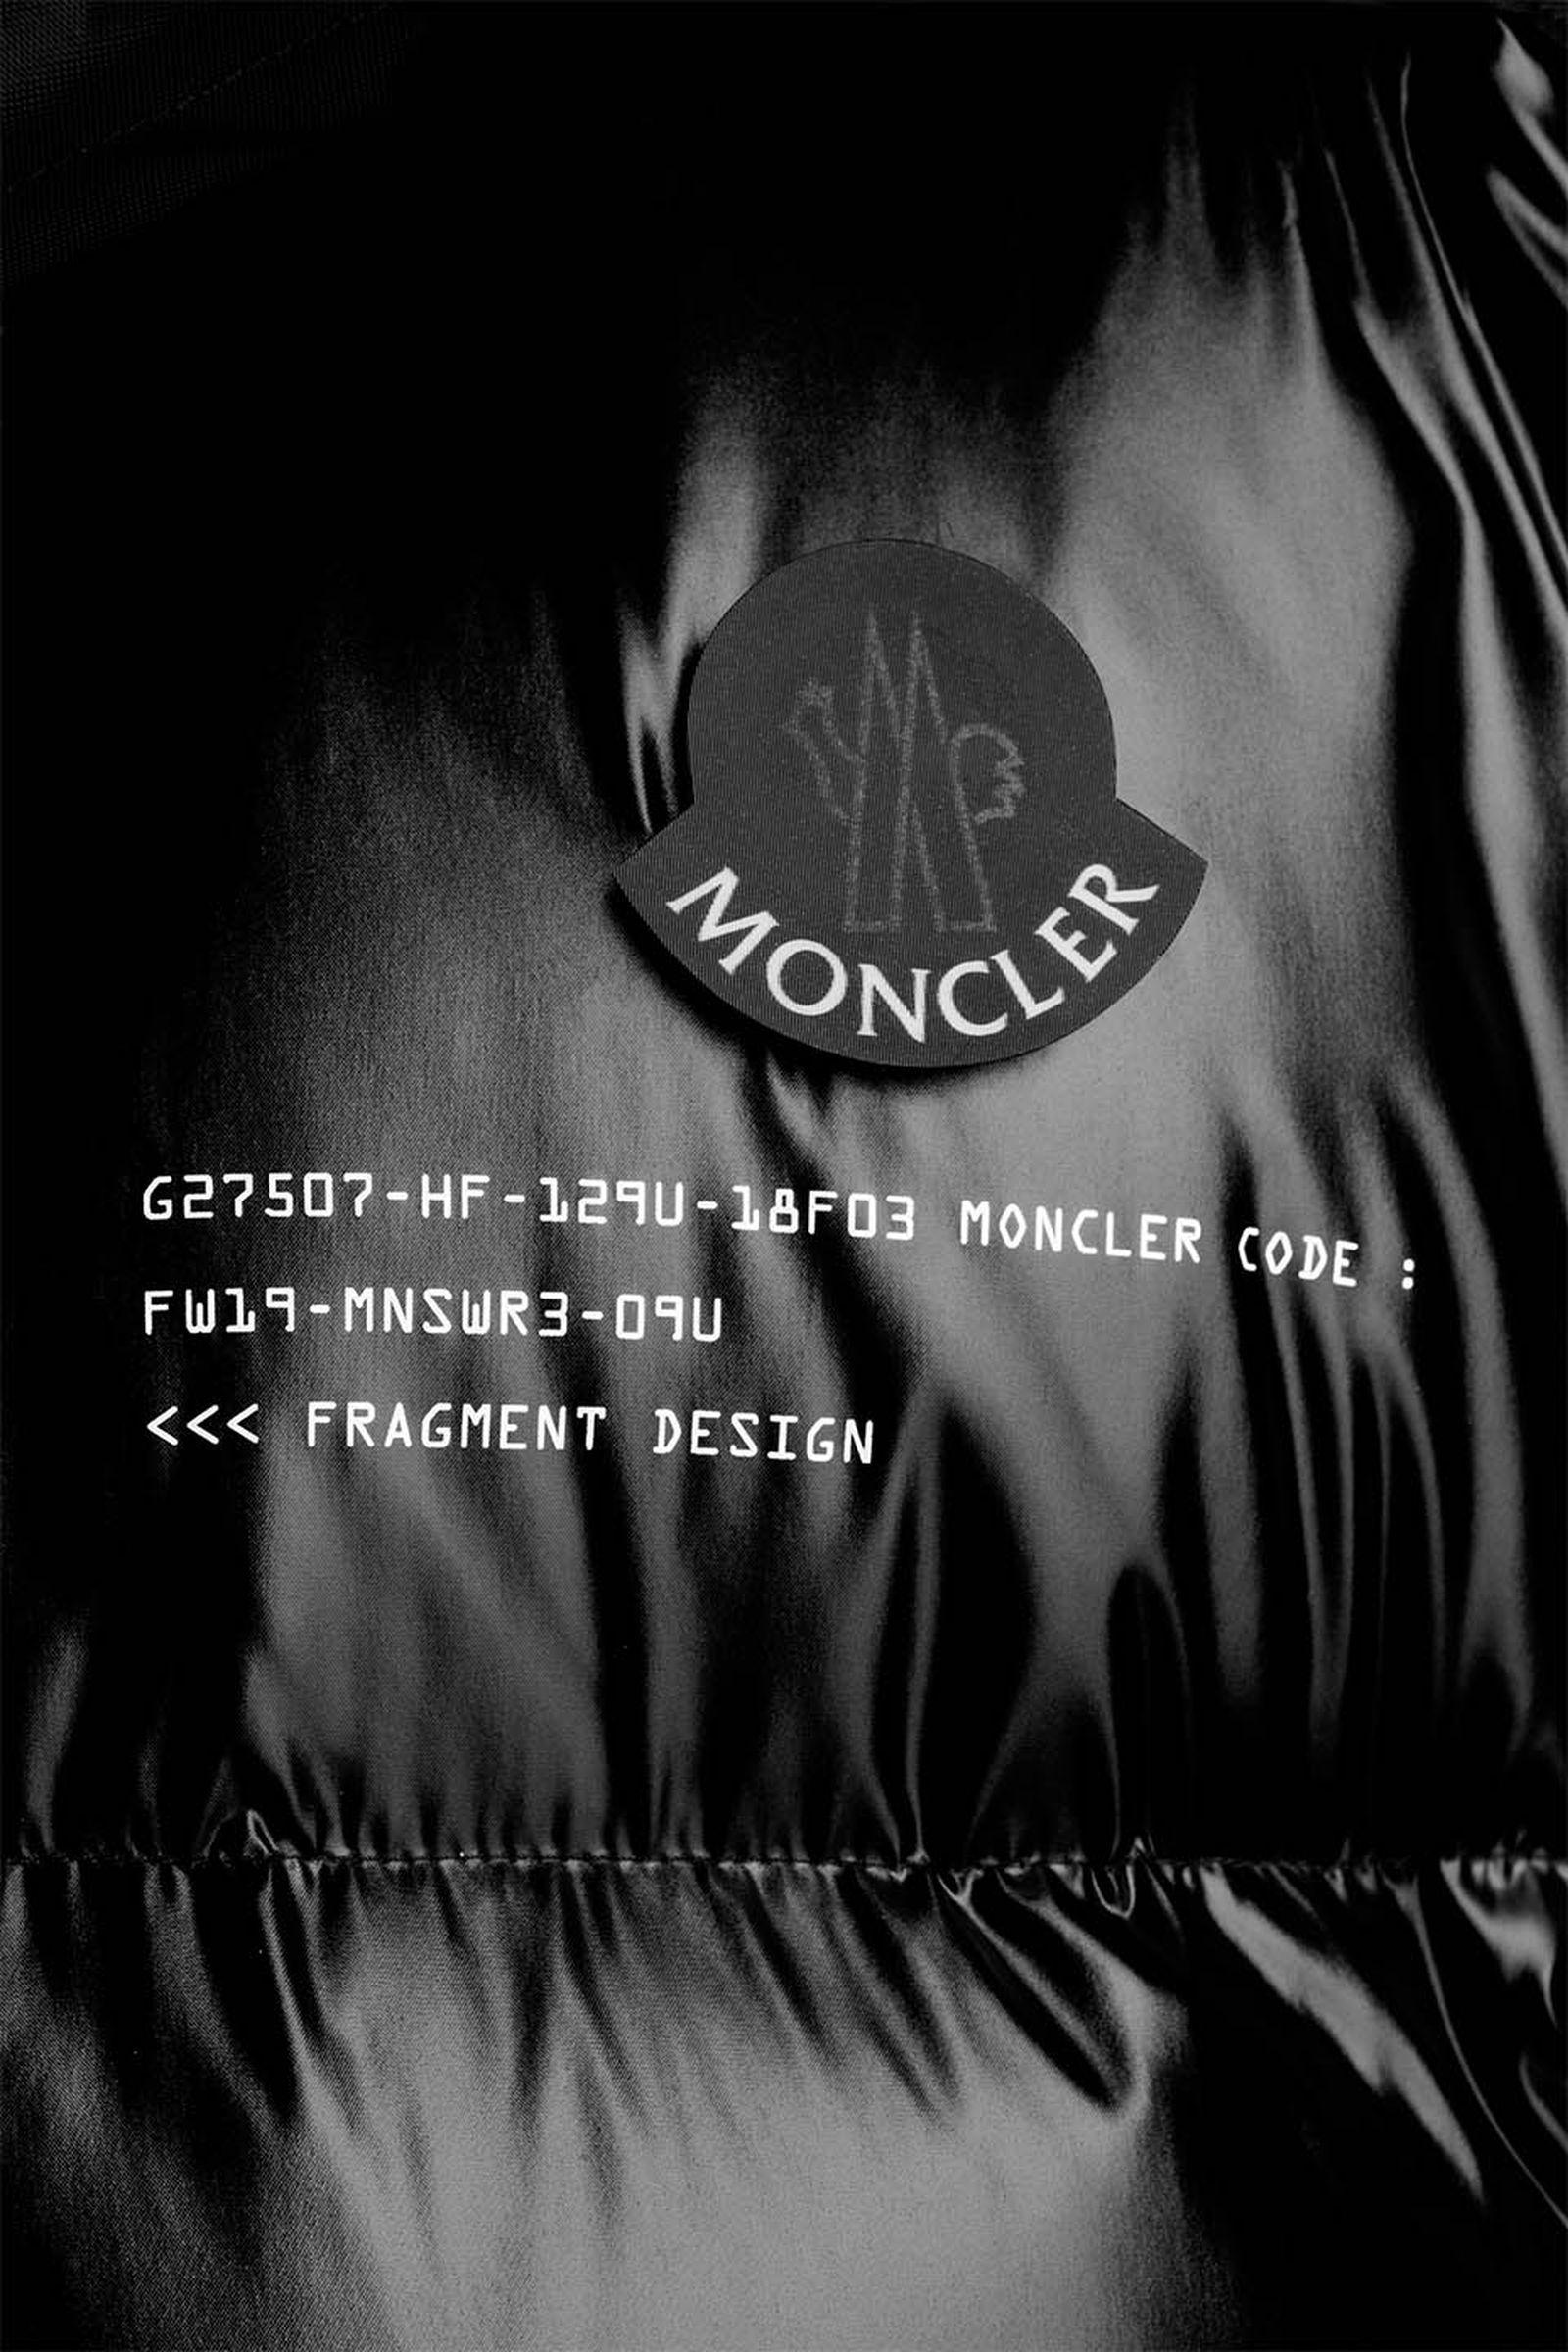 moncler genius 2019 fragment matthew williams moncler 1952